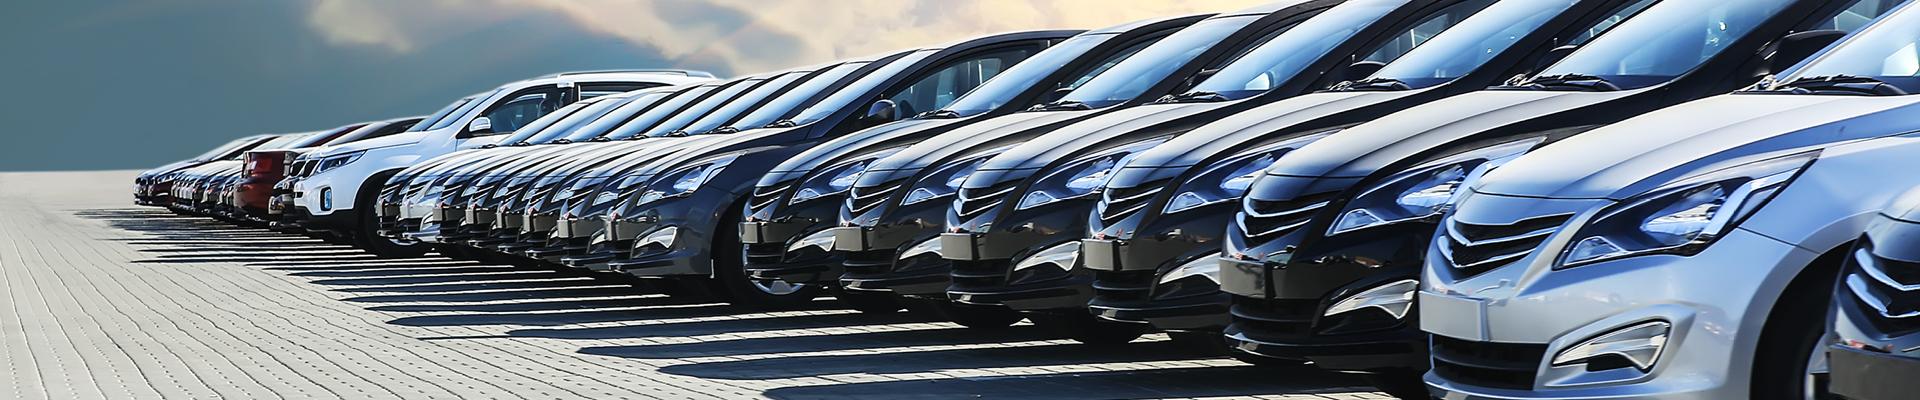 Naples Premium Collision Center – Rental Car